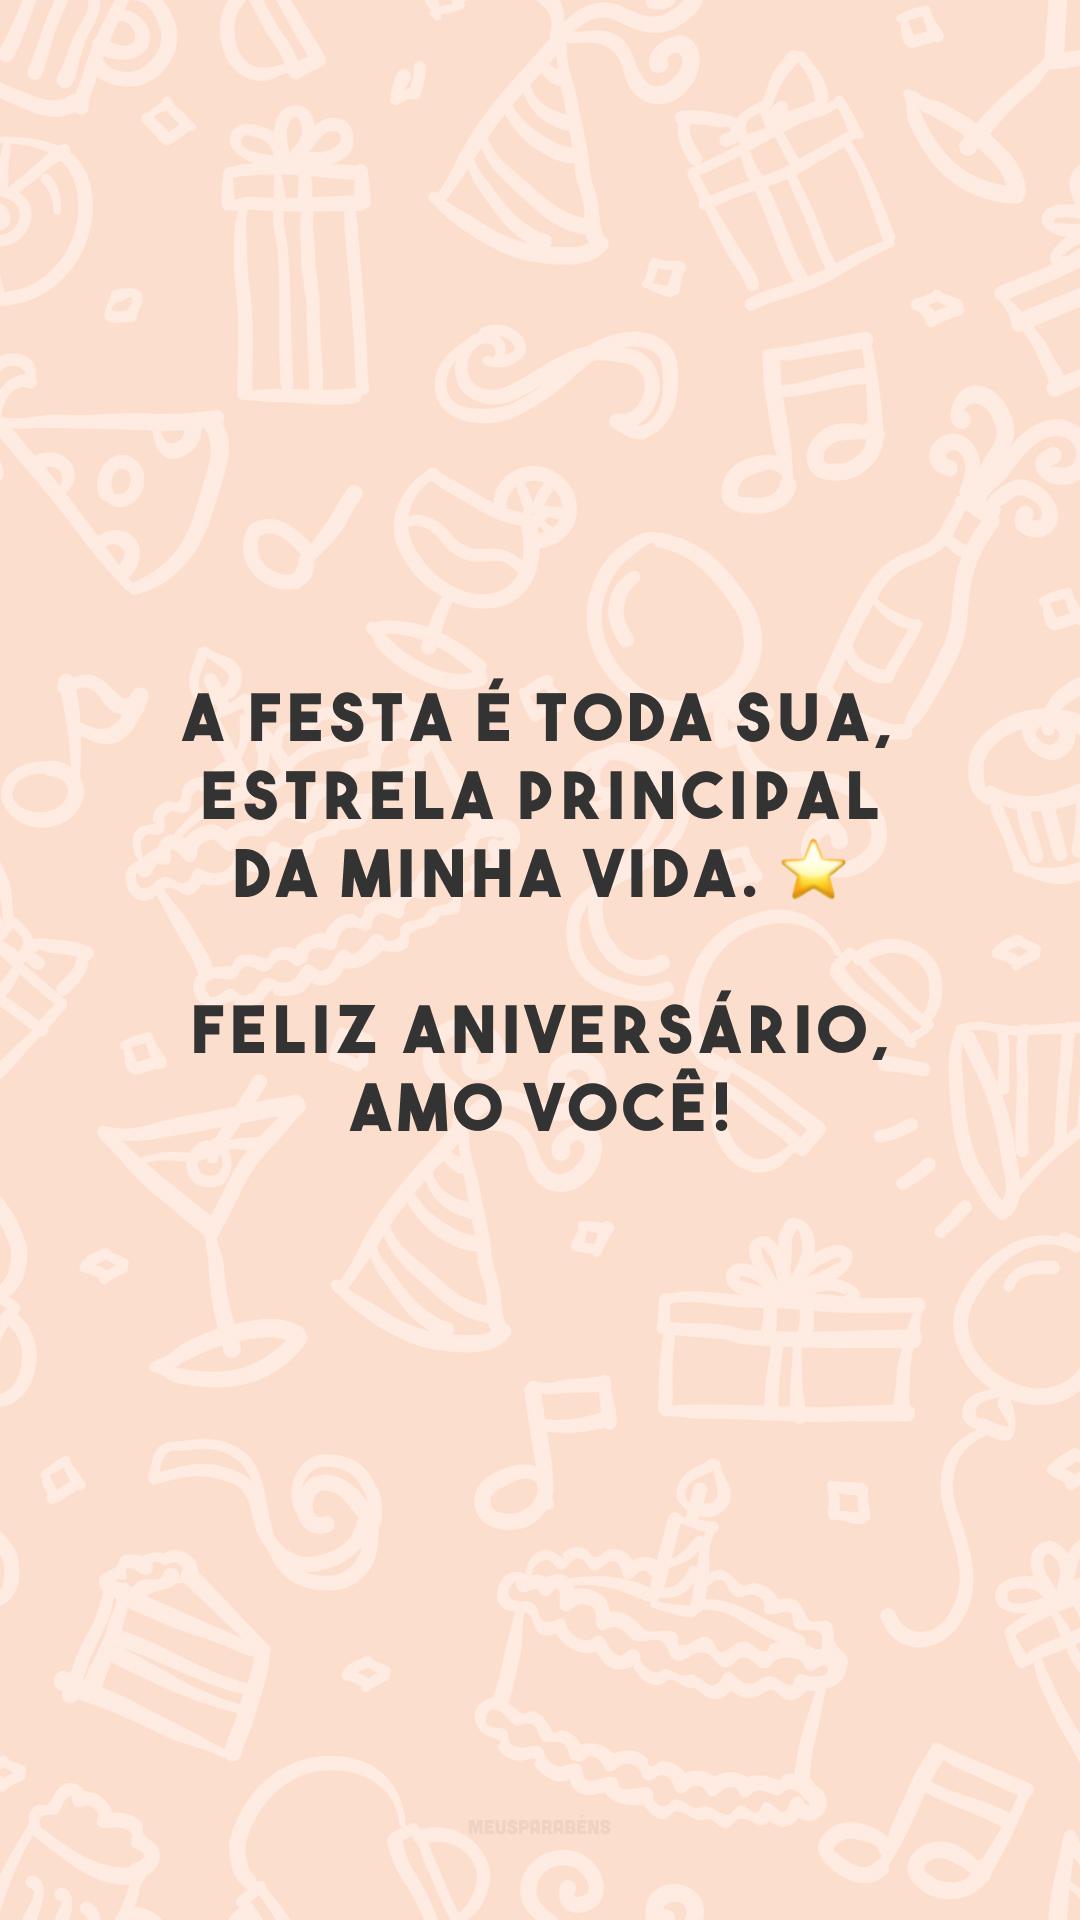 A festa é toda sua, estrela principal da minha vida. ⭐ Feliz aniversário, amo você!